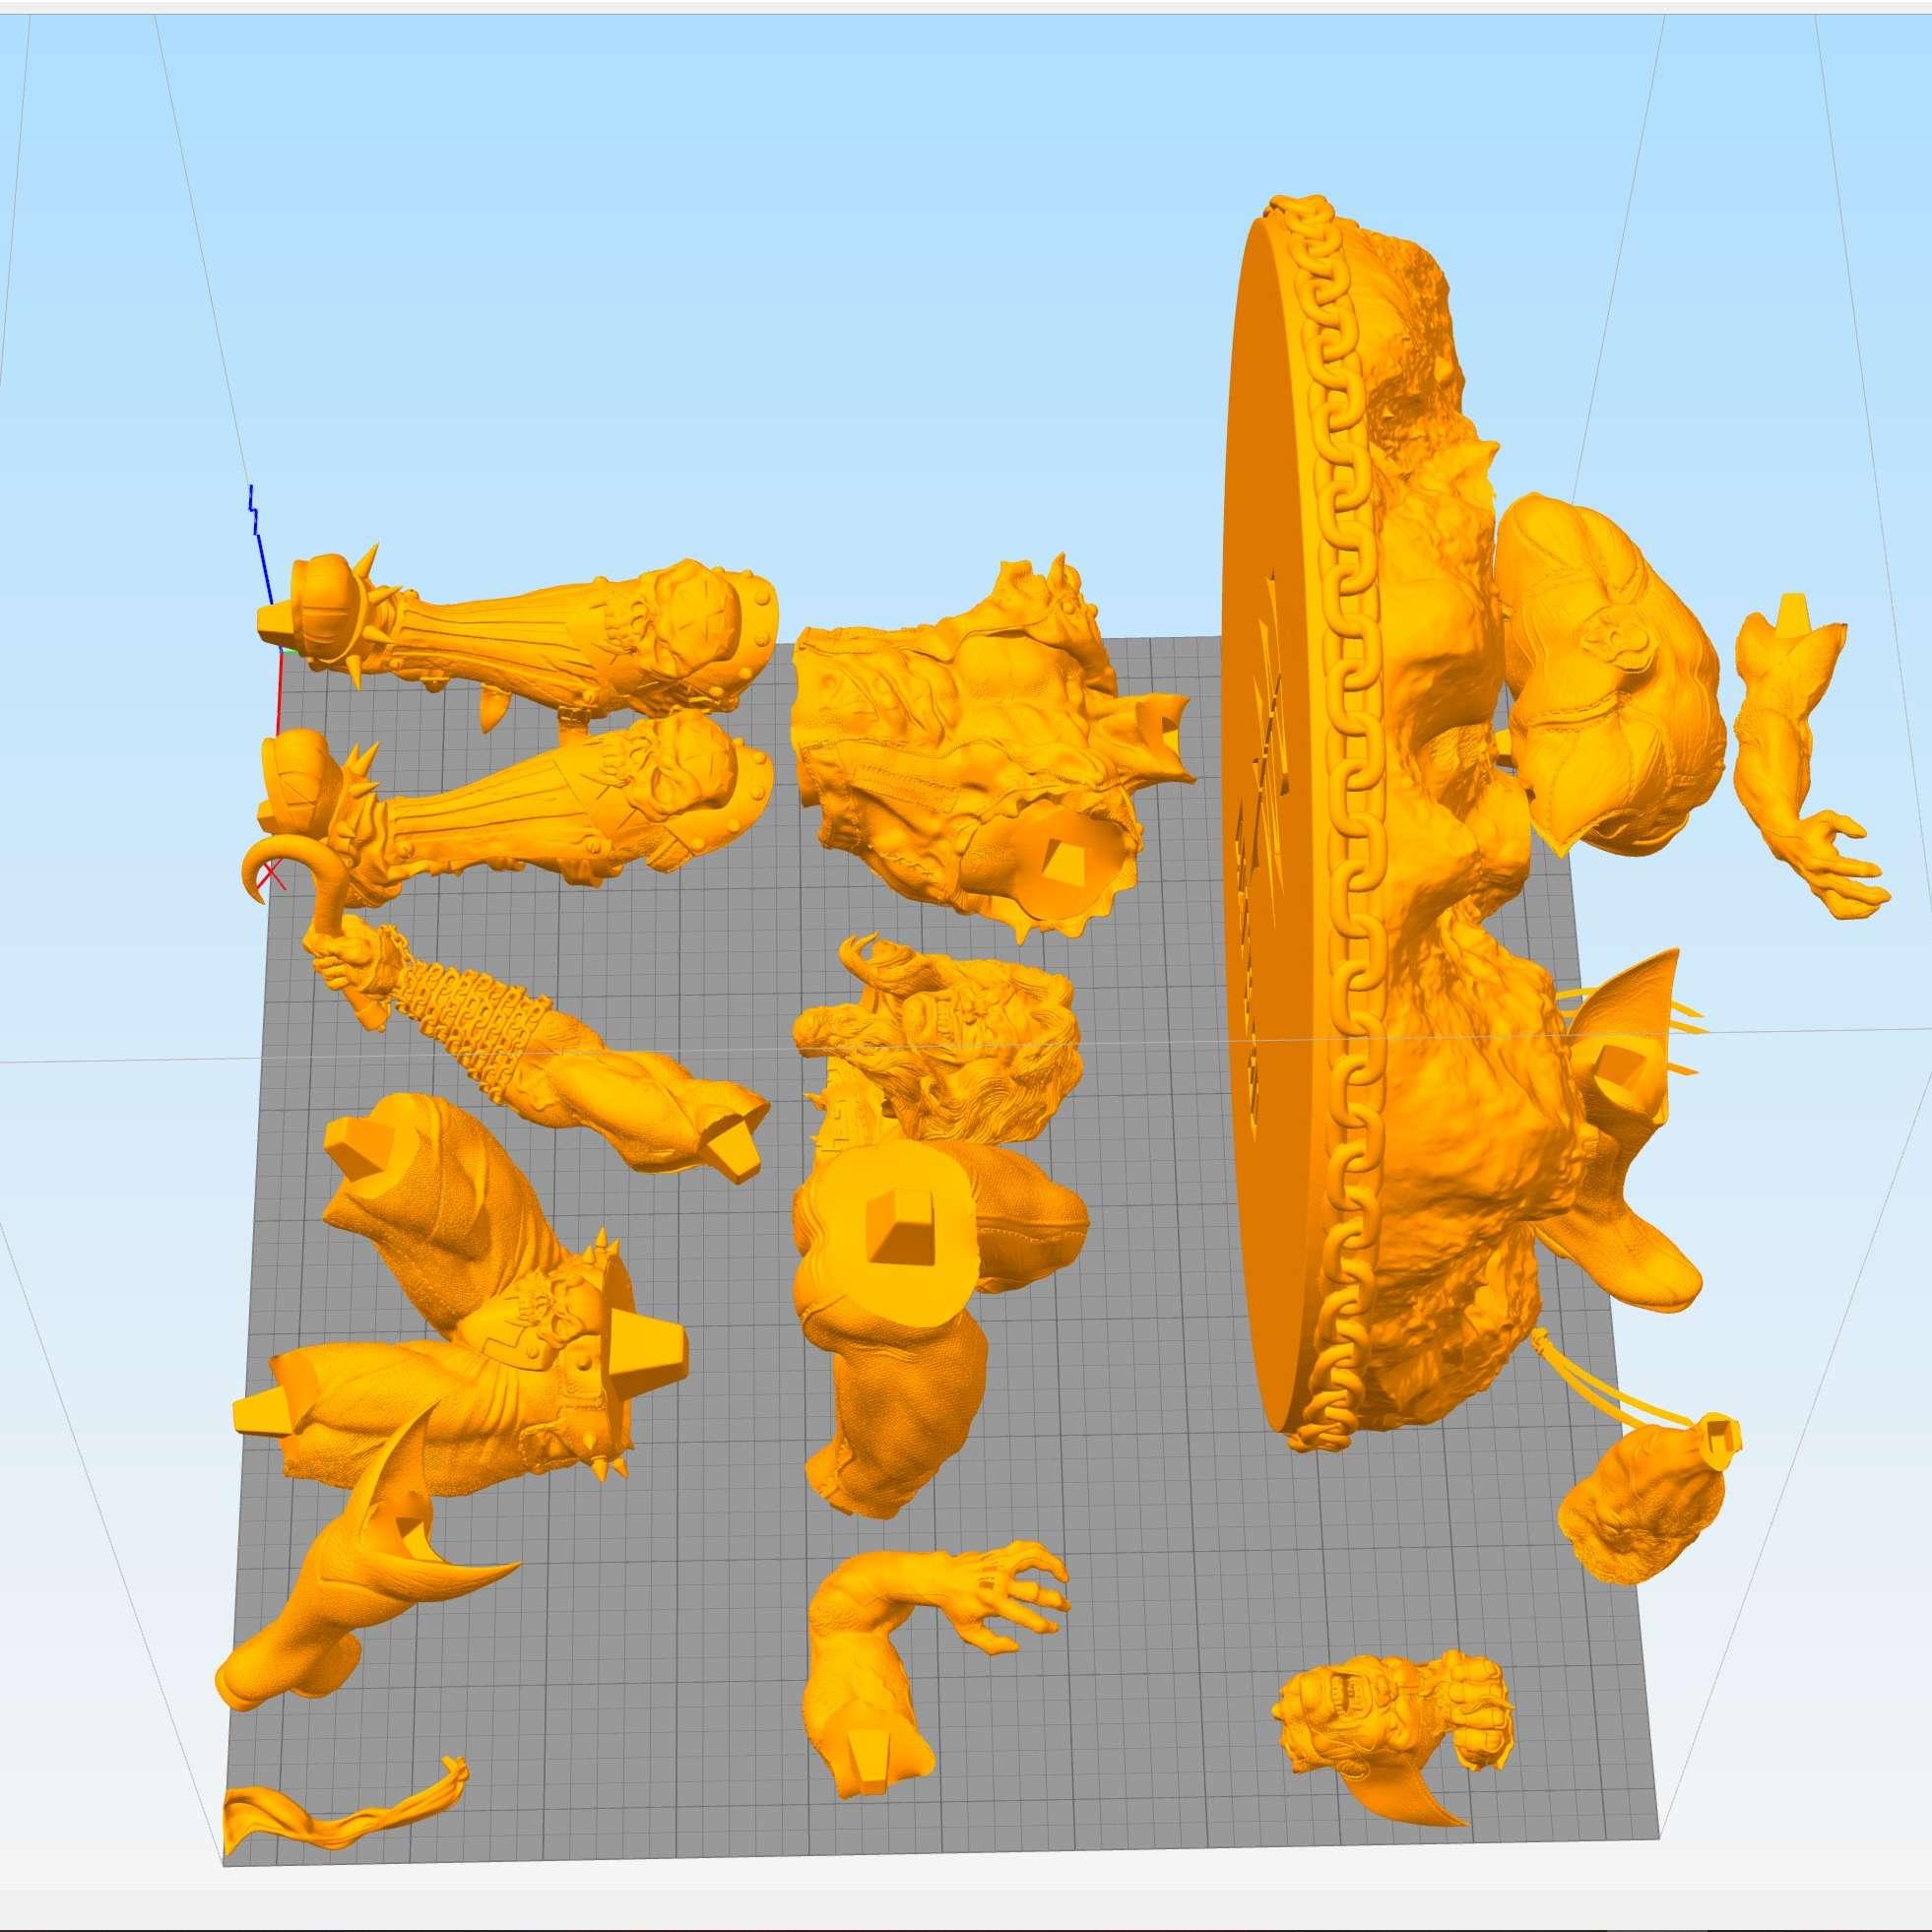 Lobo, The Main Man - Lobo, The Main Man That story of Marvel vs. DC was unfair, Lobo wins Wolverine without discussion! - Os melhores arquivos para impressão 3D do mundo. Modelos stl divididos em partes para facilitar a impressão 3D. Todos os tipos de personagens, decoração, cosplay, próteses, peças. Qualidade na impressão 3D. Modelos 3D com preço acessível. Baixo custo. Compras coletivas de arquivos 3D.